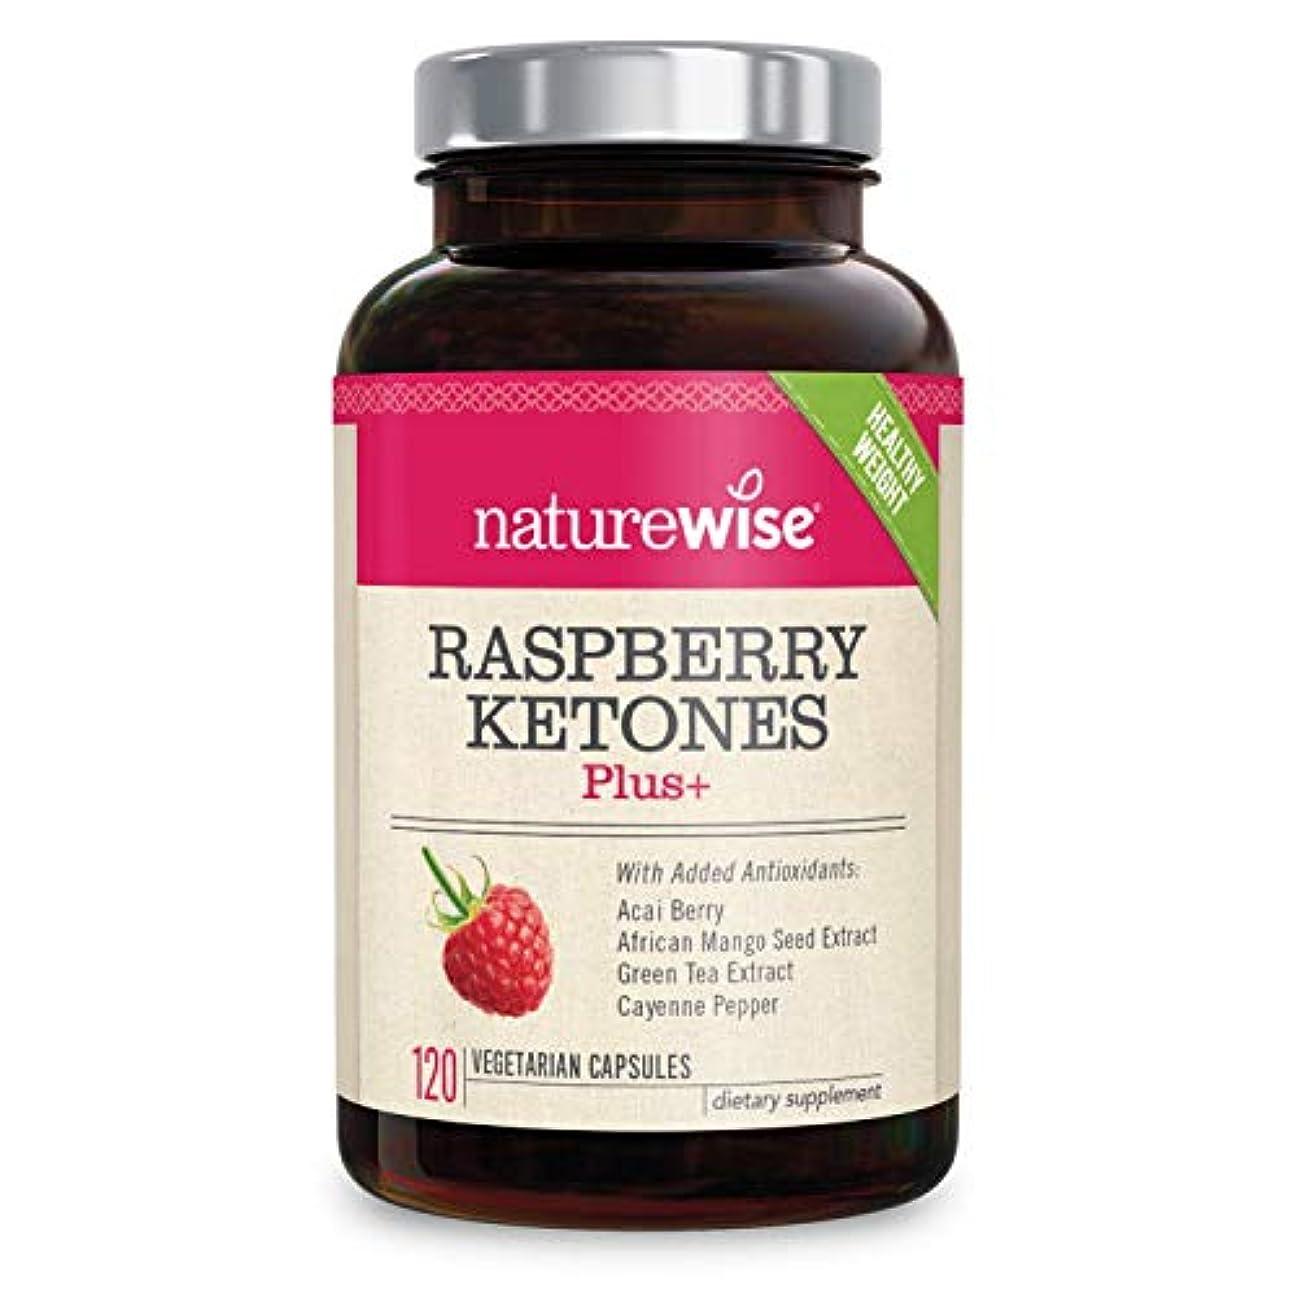 タクト反乱電子NatureWise Raspberry Ketones Plus ラズベリー ケトン プラス ケトジェニック ダイエット サプリ 120粒/60日分 [海外直送品]